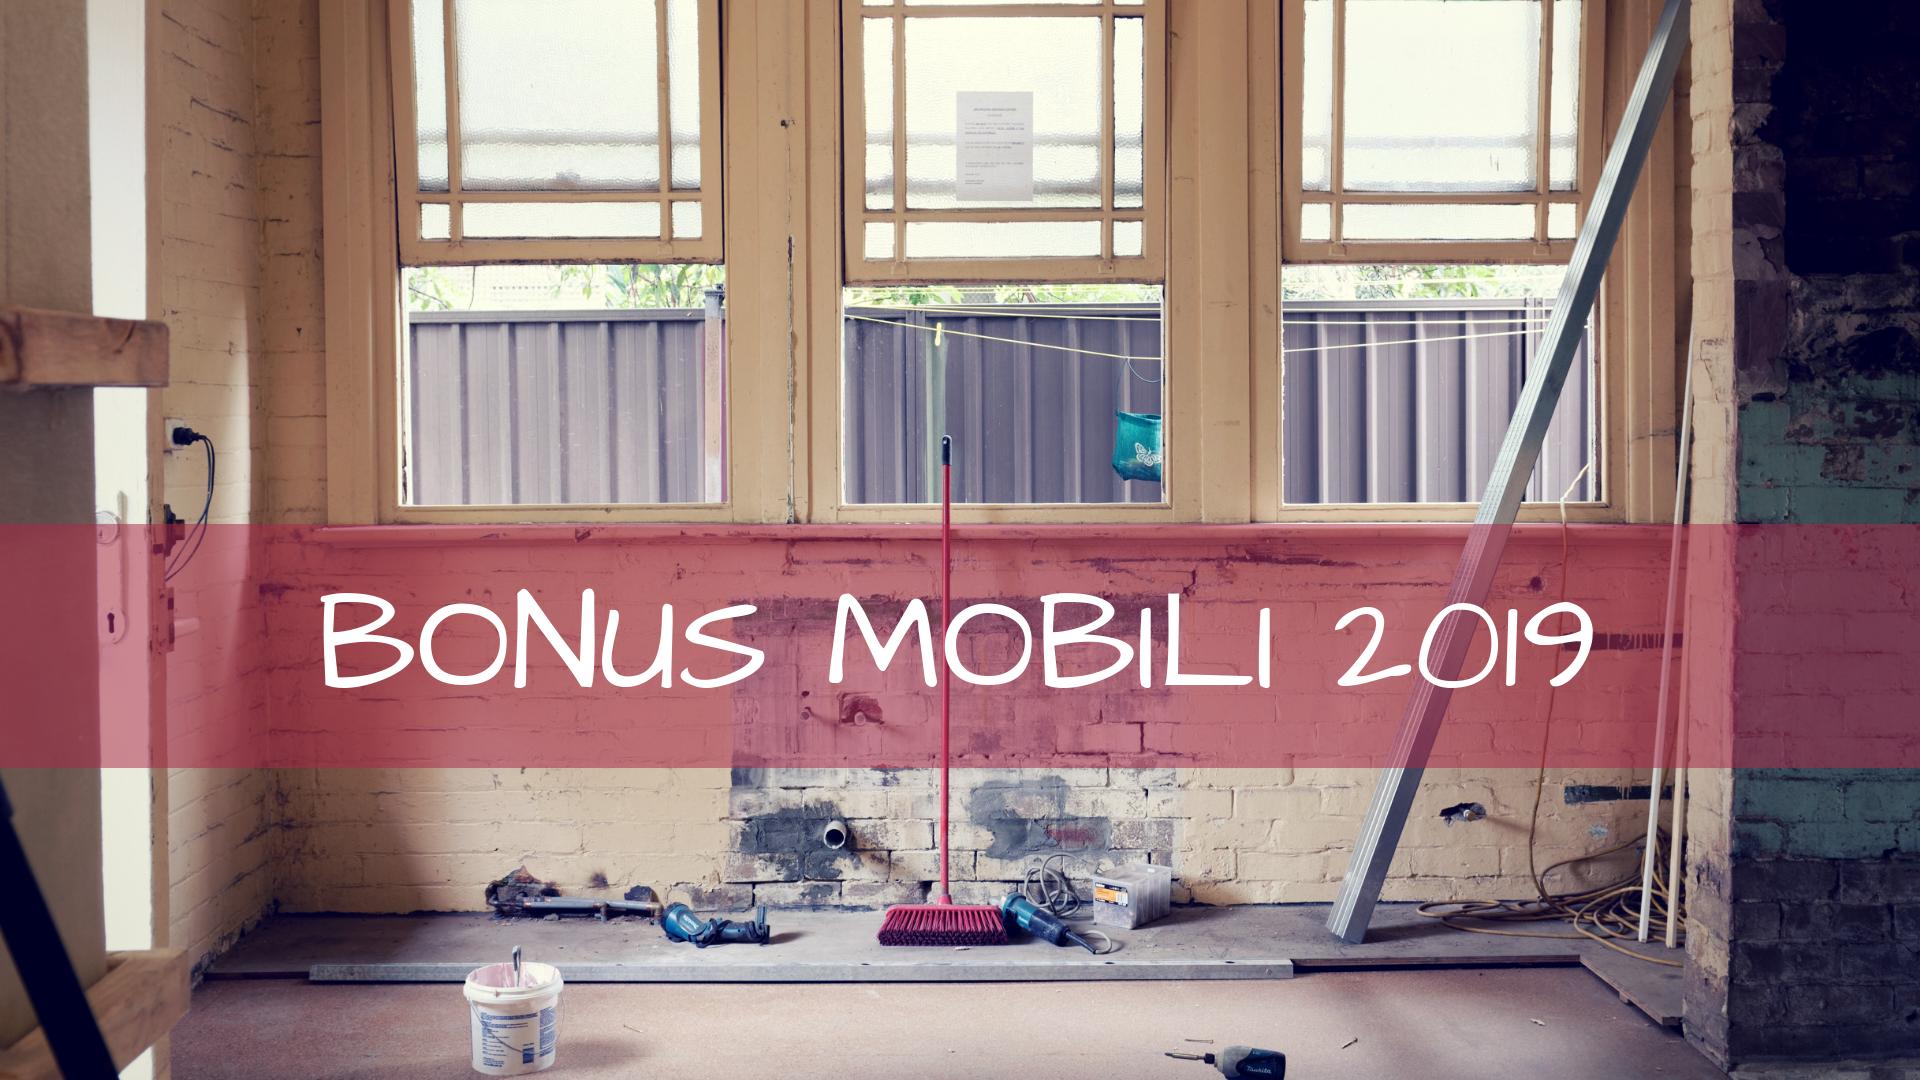 Casa in ristrutturazione_bonus mobili 2019